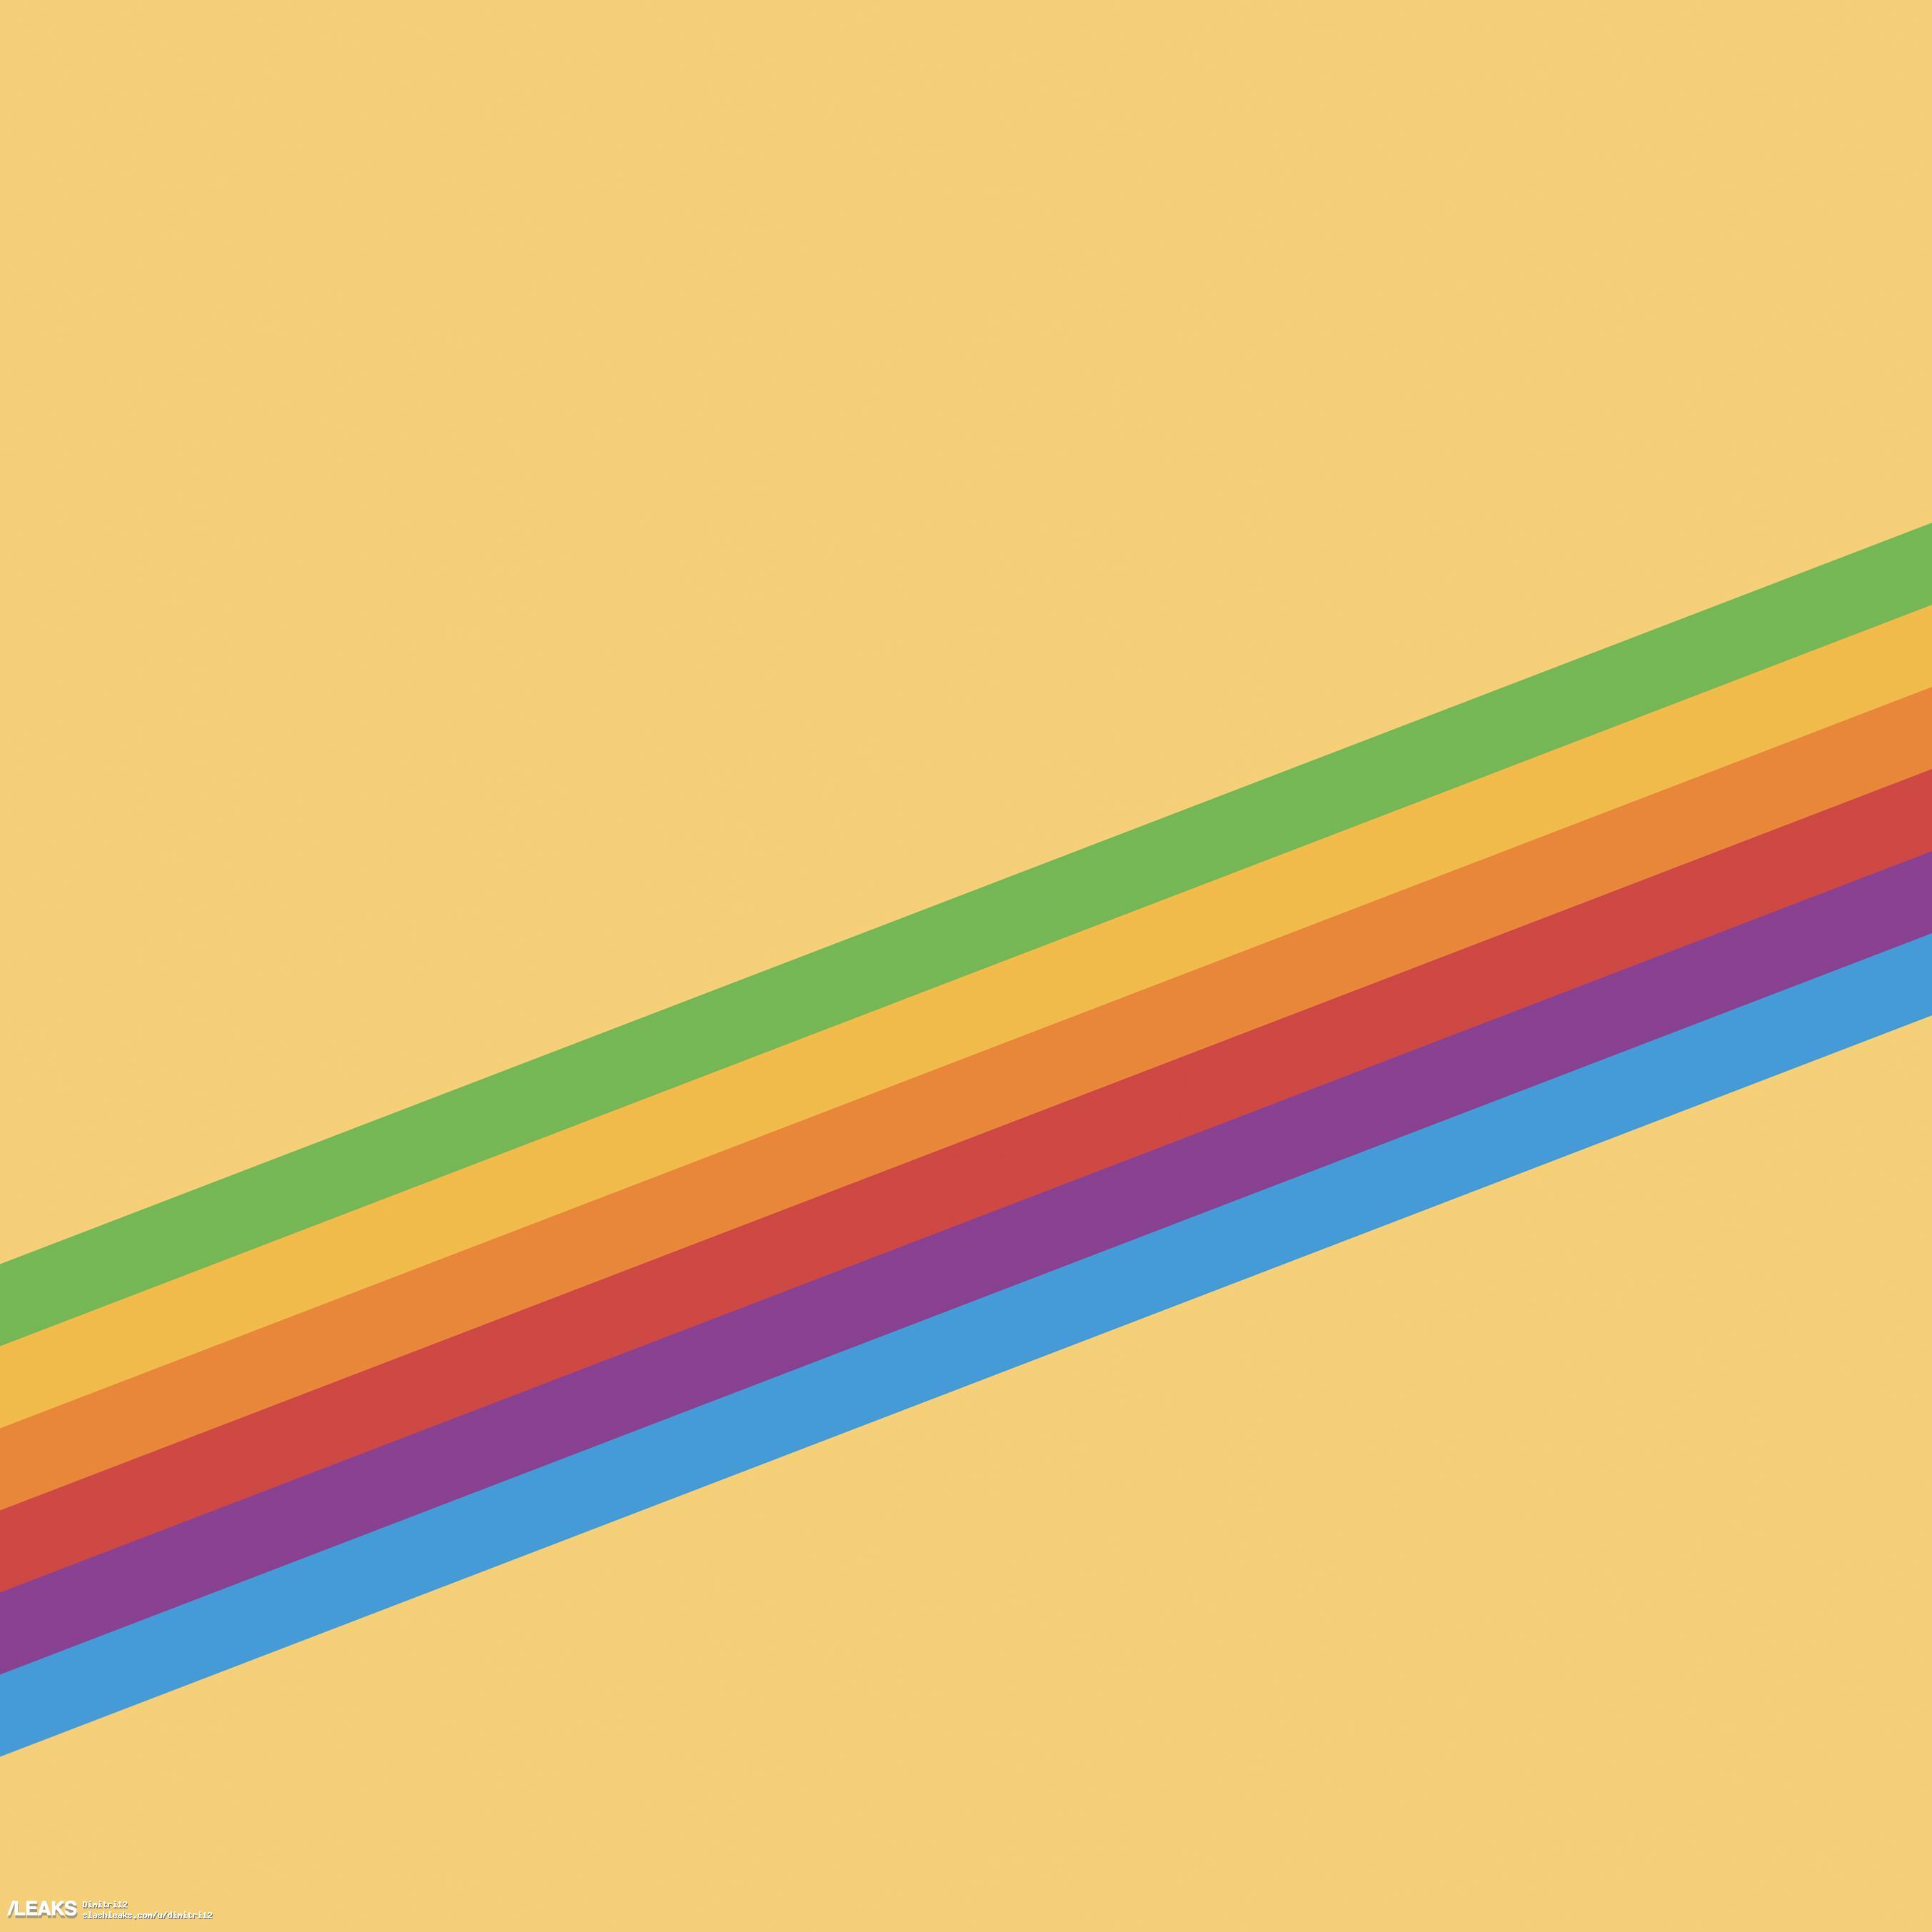 iPhone 8 (iPhone X) sempre più concreto, grazie ad iOS 11 ora ecco i wallpaper del dispostitivo